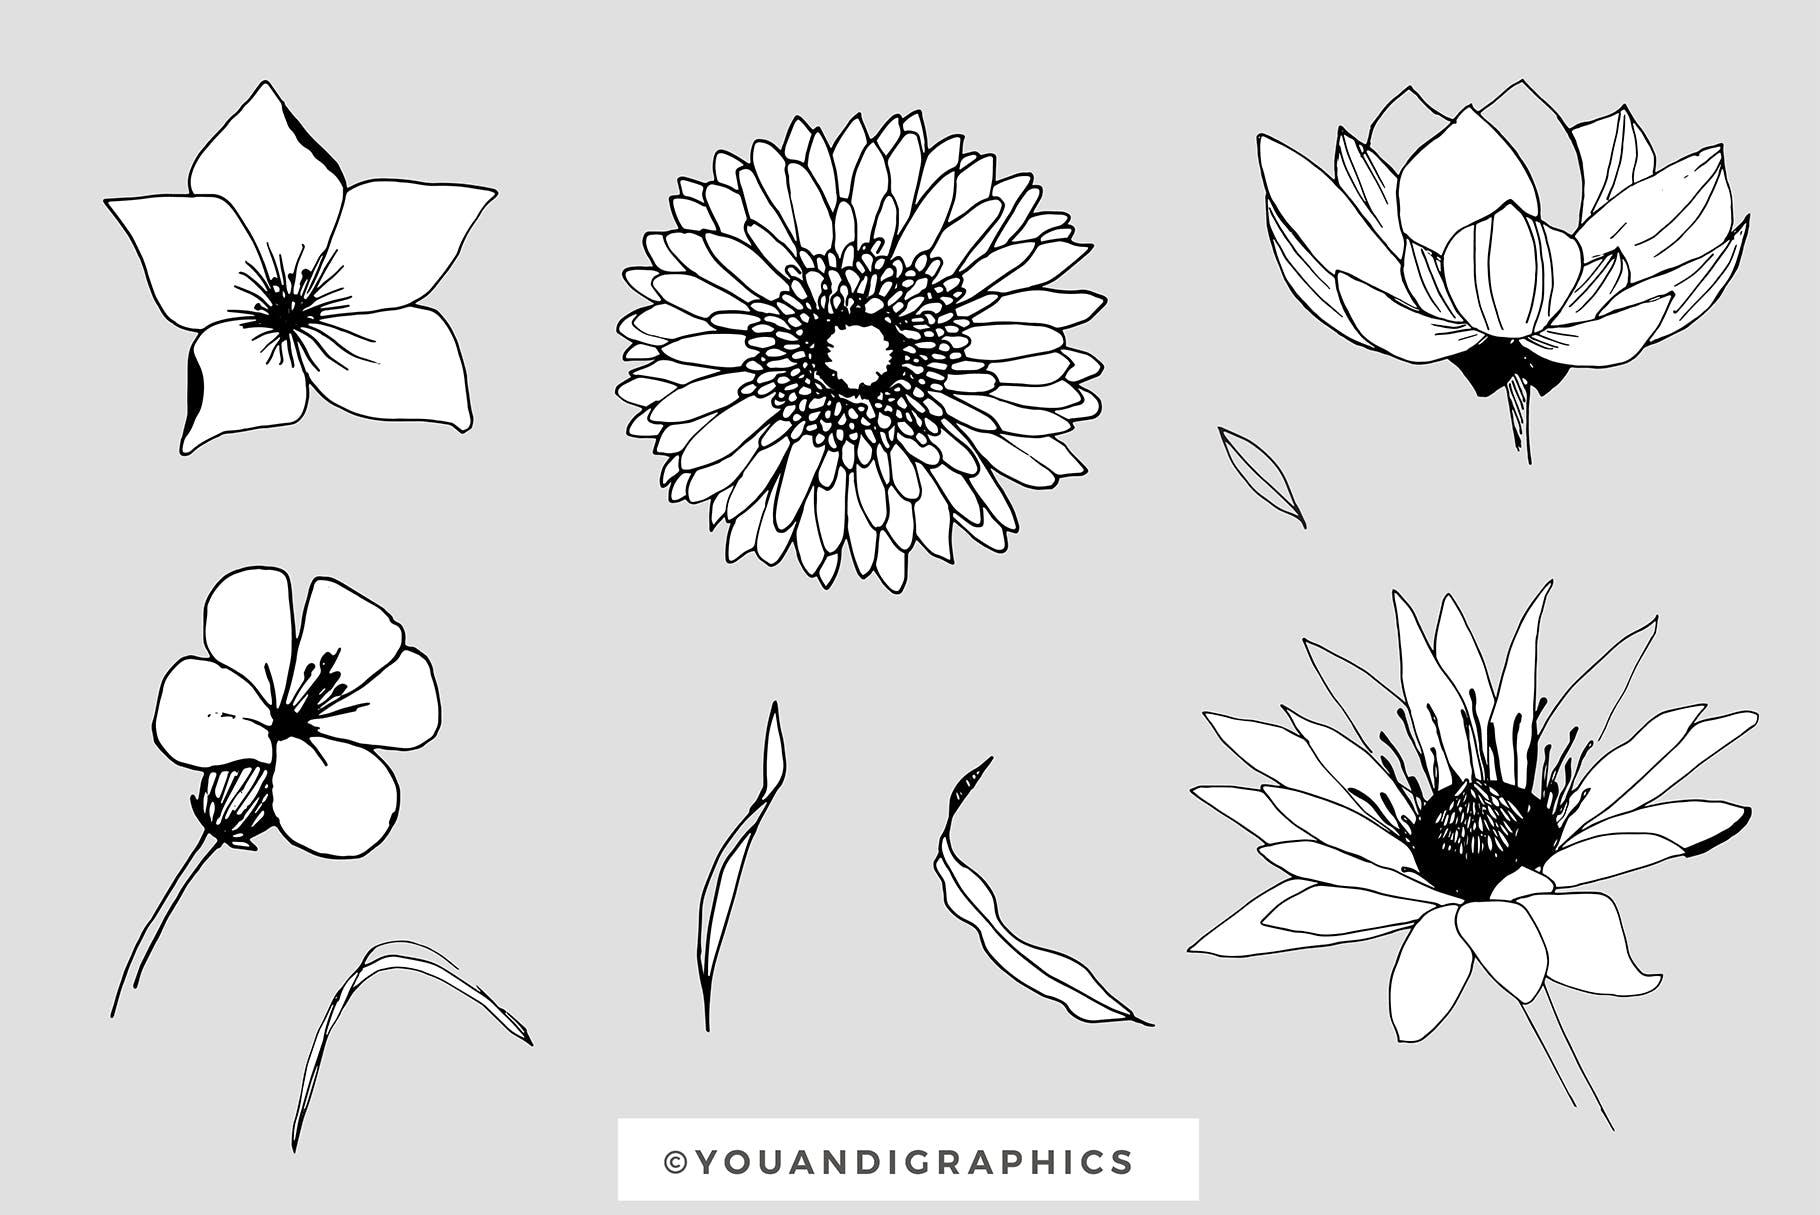 图形花卉图案装饰性元素图案花纹素材下载Graphic Flowers Patterns Elements插图(13)